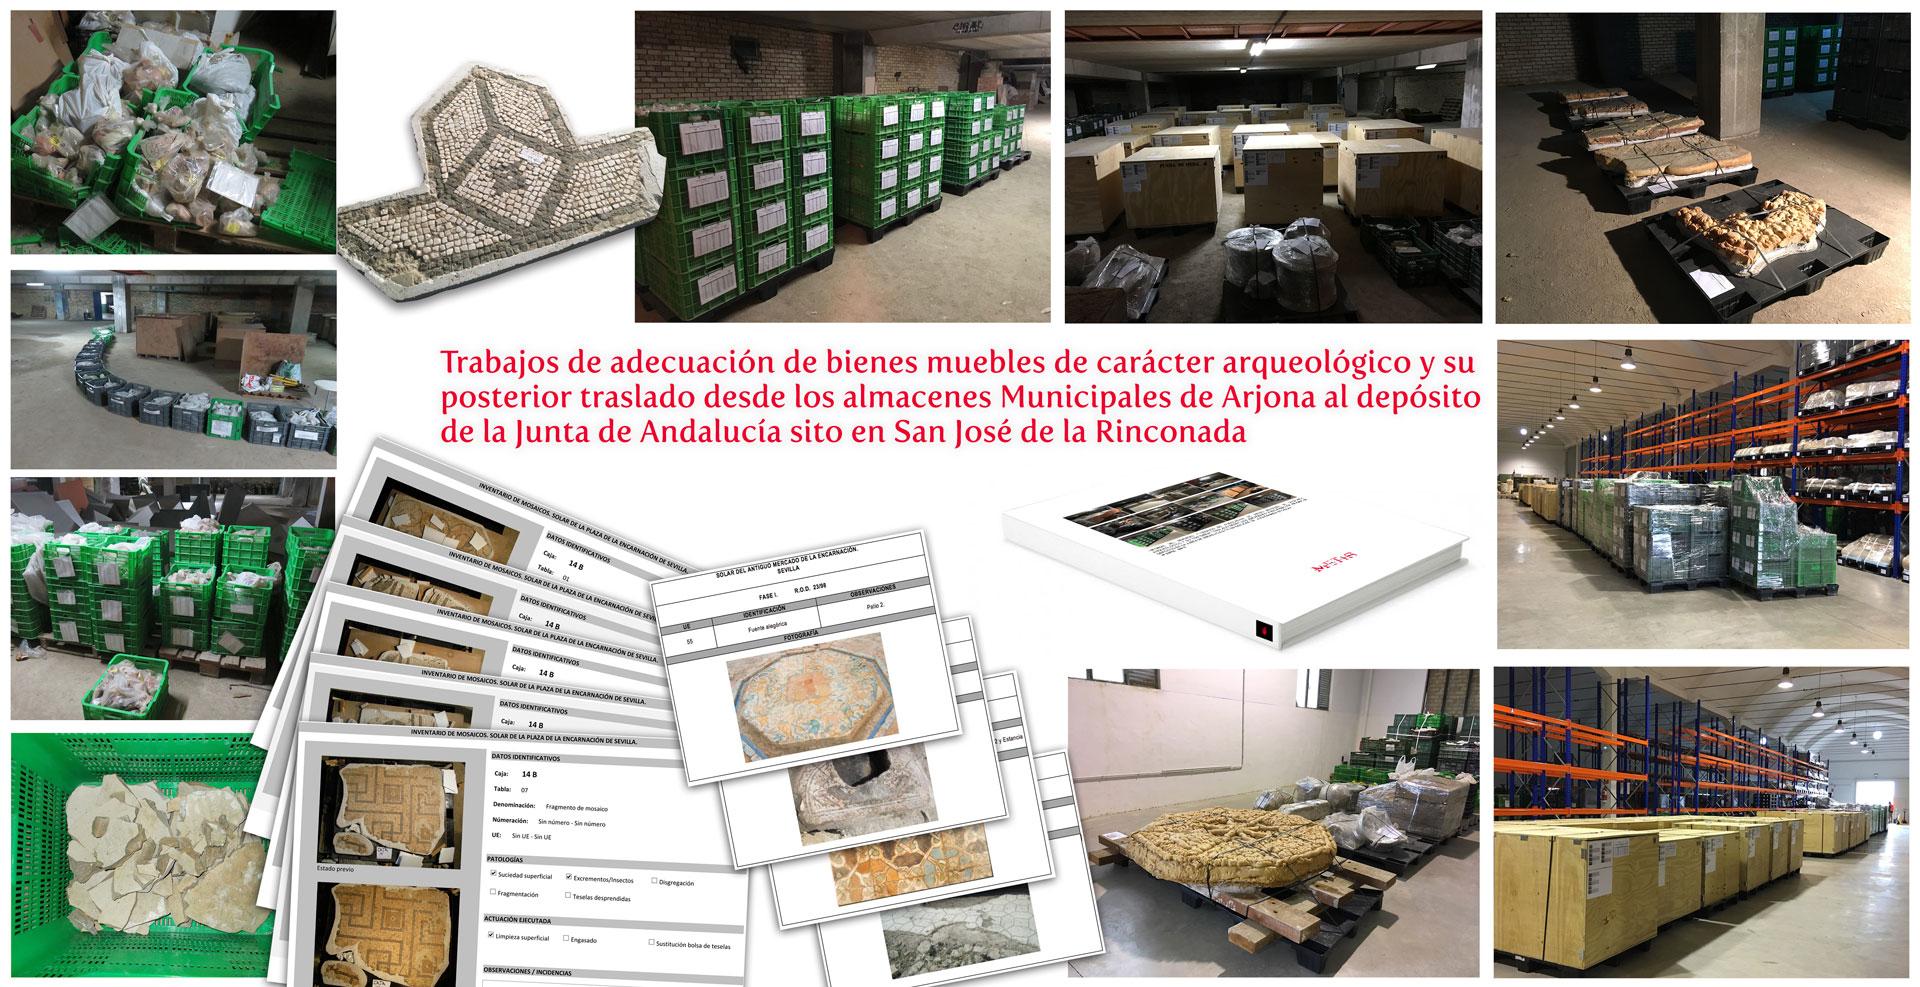 Trabajos de adecuación de bienes muebles de carácter arqueológico y su posterior traslado desde los almacenes municipales de C/ Arjona al depósito de la Junta de Andalucía sito en San José de la Rinconada (Sevilla)